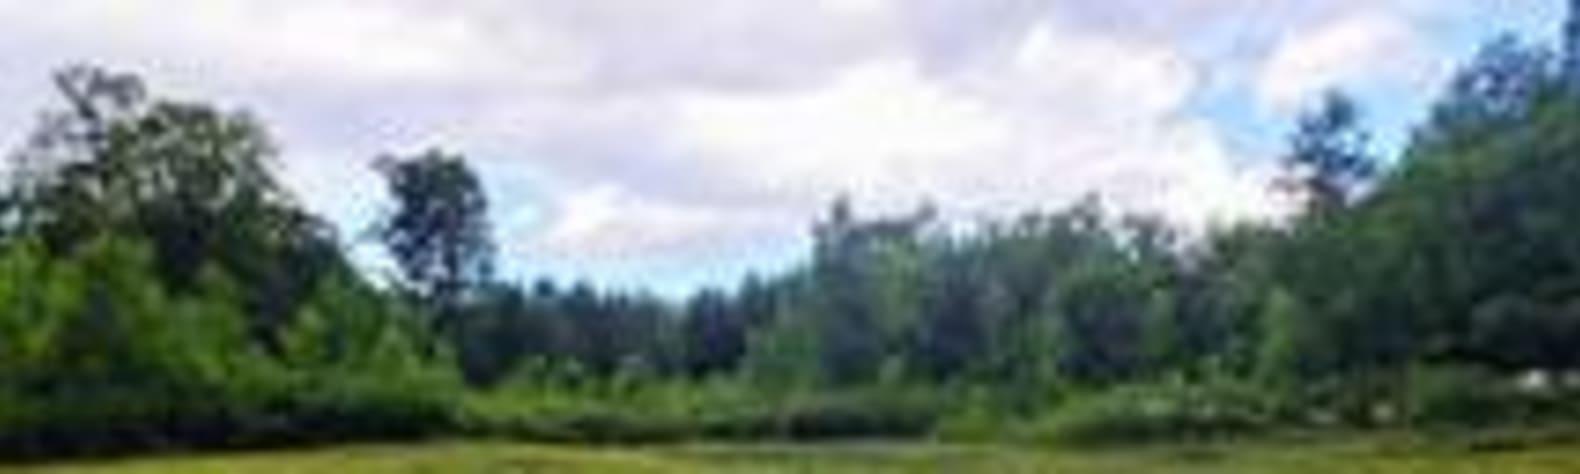 Wanda H.'s Land